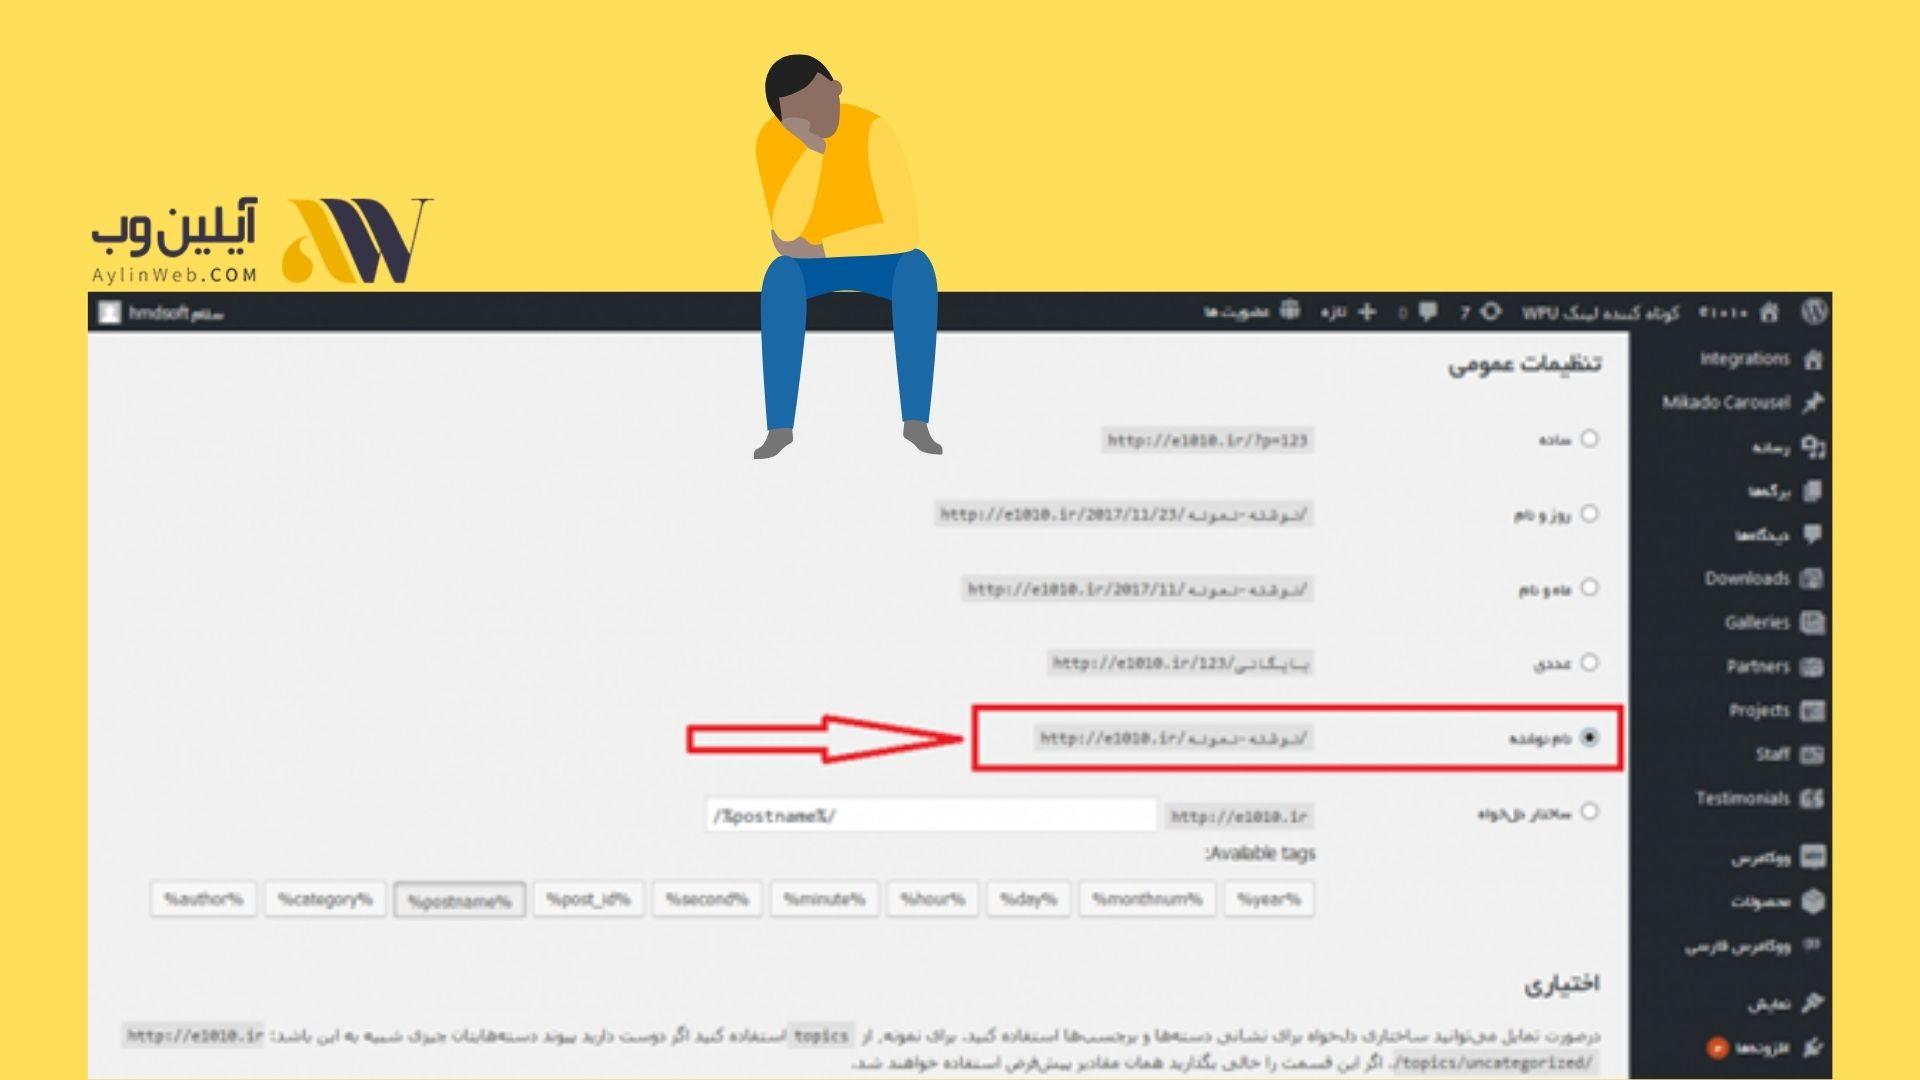 ساختار لینک یکتا در وب سایت